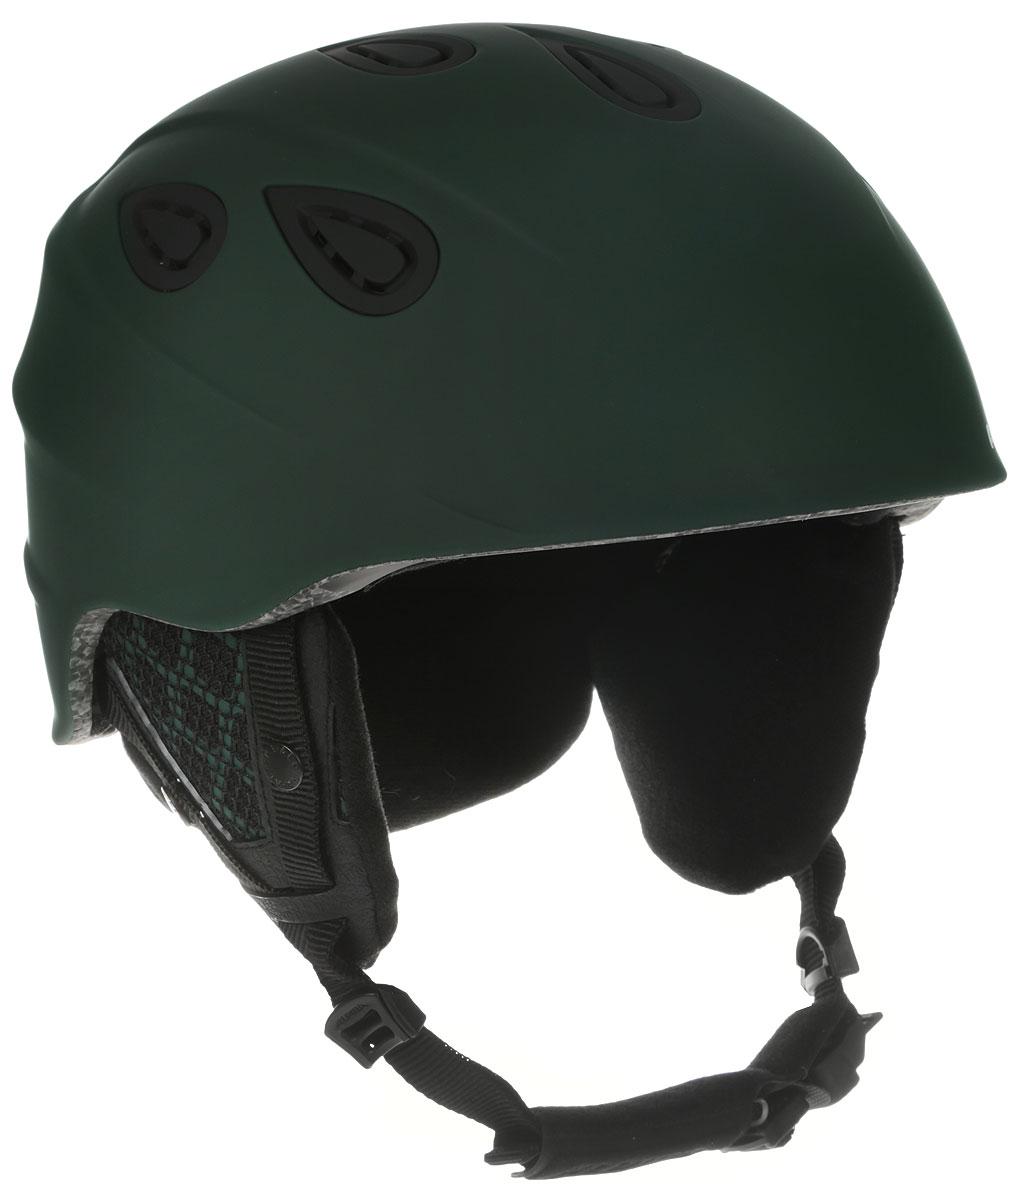 Шлем горнолыжный Alpina Grap 2.0 LE, цвет: салатовый. A9094_73. Размер 57-61A9094_73Шлем горнолыжный Alpina Grap 2.0 LE - одна из самых популярных моделей в каталоге горнолыжных шлемов Alpina. Надежный, многоцелевой шлем для широкого круга райдеров. L.E. - Limited Edition - ограниченная серия шлемов, выполненная в уникальной расцветке.Интенсивность воздушного потока можно регулировать. Вентиляционные отверстия шлема могут быть открыты и закрыты раздвижным механизмом.Съемные ушки-амбушюры можно снять за секунду и сложить в карман лыжной куртки. Если вы наслаждаетесь катанием в начале апреля, такая возможность должна вас порадовать. А когда температура снова упадет - щелк и вкладыш снова на месте.Внутренник шлема легко вынимается, стирается, сушится и вставляется обратно.Прочная и легкая конструкция In-mold. Тонкая и прочная поликарбонатная оболочка под воздействием высокой температуры и давления буквально сплавляется с гранулами EPS, которые гасят ударную нагрузку.Внутренняя оболочка каждого шлема Alpina состоит из гранул HI-EPS (сильно вспененного полистирола). Микроскопические воздушные карманы эффективно поглощают ударную нагрузку и обеспечивают высокую теплоизоляцию. Эта технология позволяет достичь минимальной толщины оболочки. А так как гранулы HI-EPS не впитывают влагу, их защитный эффект не ослабевает со временем.Из задней части шлема можно достать шейный утеплитель из мягкого микро-флиса. Этот теплый воротник также защищает шею от ударов на высокой скорости и при сибирских морозах. В удобной конструкции отсутствуют точки давления на шею.Вместо фастекса на ремешке используется красная кнопка с автоматическим запирающим механизмом, которую легко использовать даже в лыжных перчатках. Механизм защищен от произвольного раскрытия при падении.Ручка регулировки Run System Classic в задней части шлема позволяет за мгновение комфортно усадить шлем на затылке.Y-образный ремнераспределитель двух ремешков находится под ухом и обеспечивает быструю и точную посадку шлема н